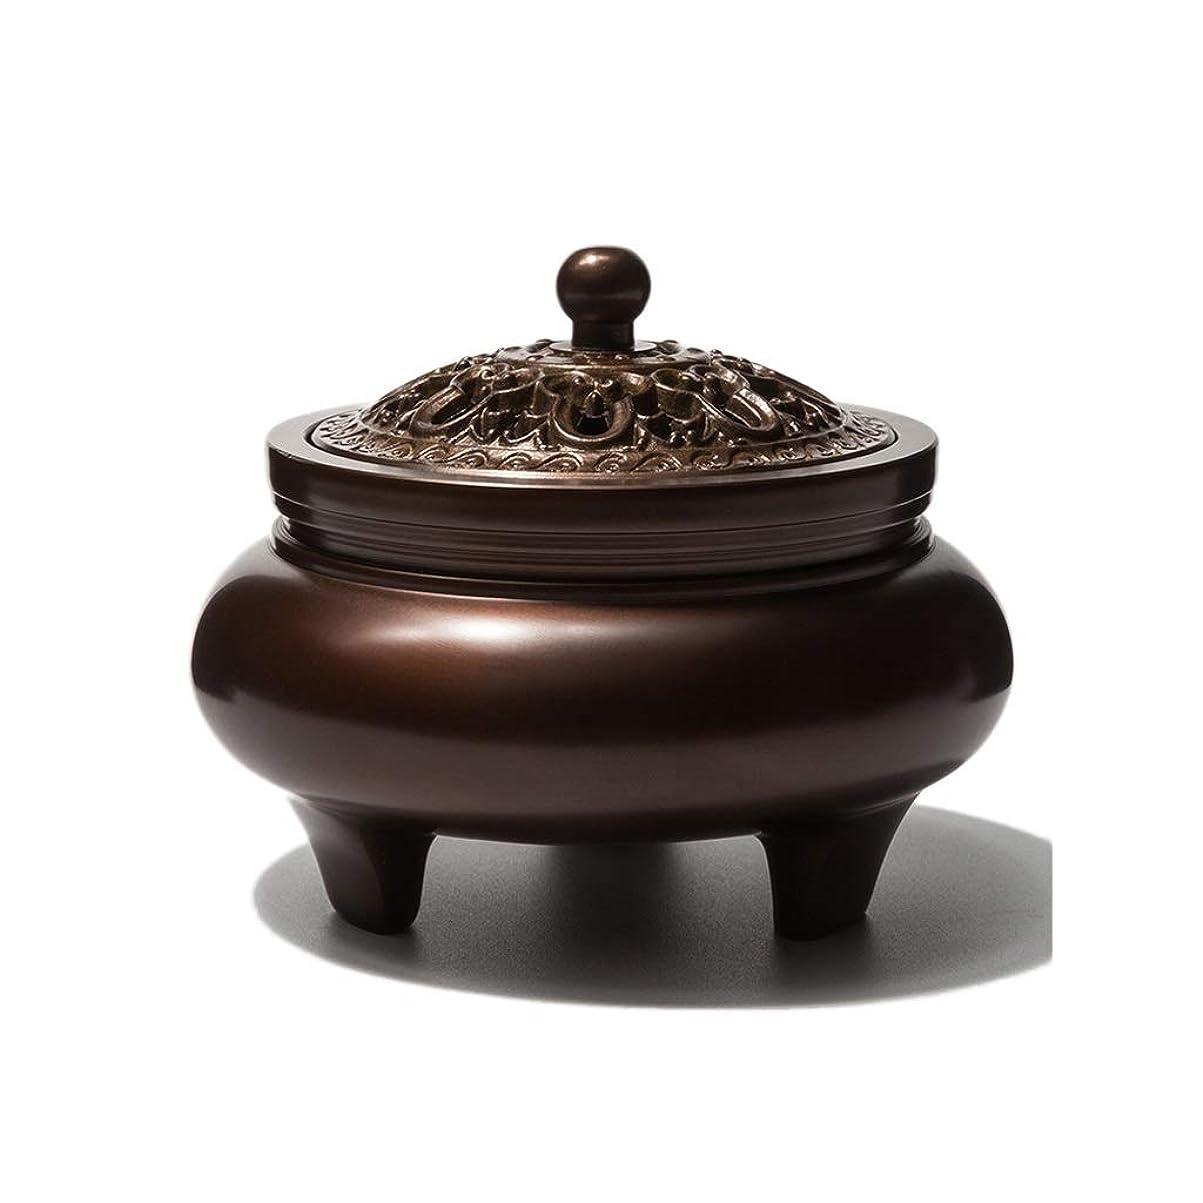 実験的夢中冷笑する芳香器?アロマバーナー 銅香バーナーアロマテラピーホルダー純粋な銅茶道白檀炉屋内香バーナーレトロノスタルジア11.5センチ* 7.8センチ* 9センチ アロマバーナー